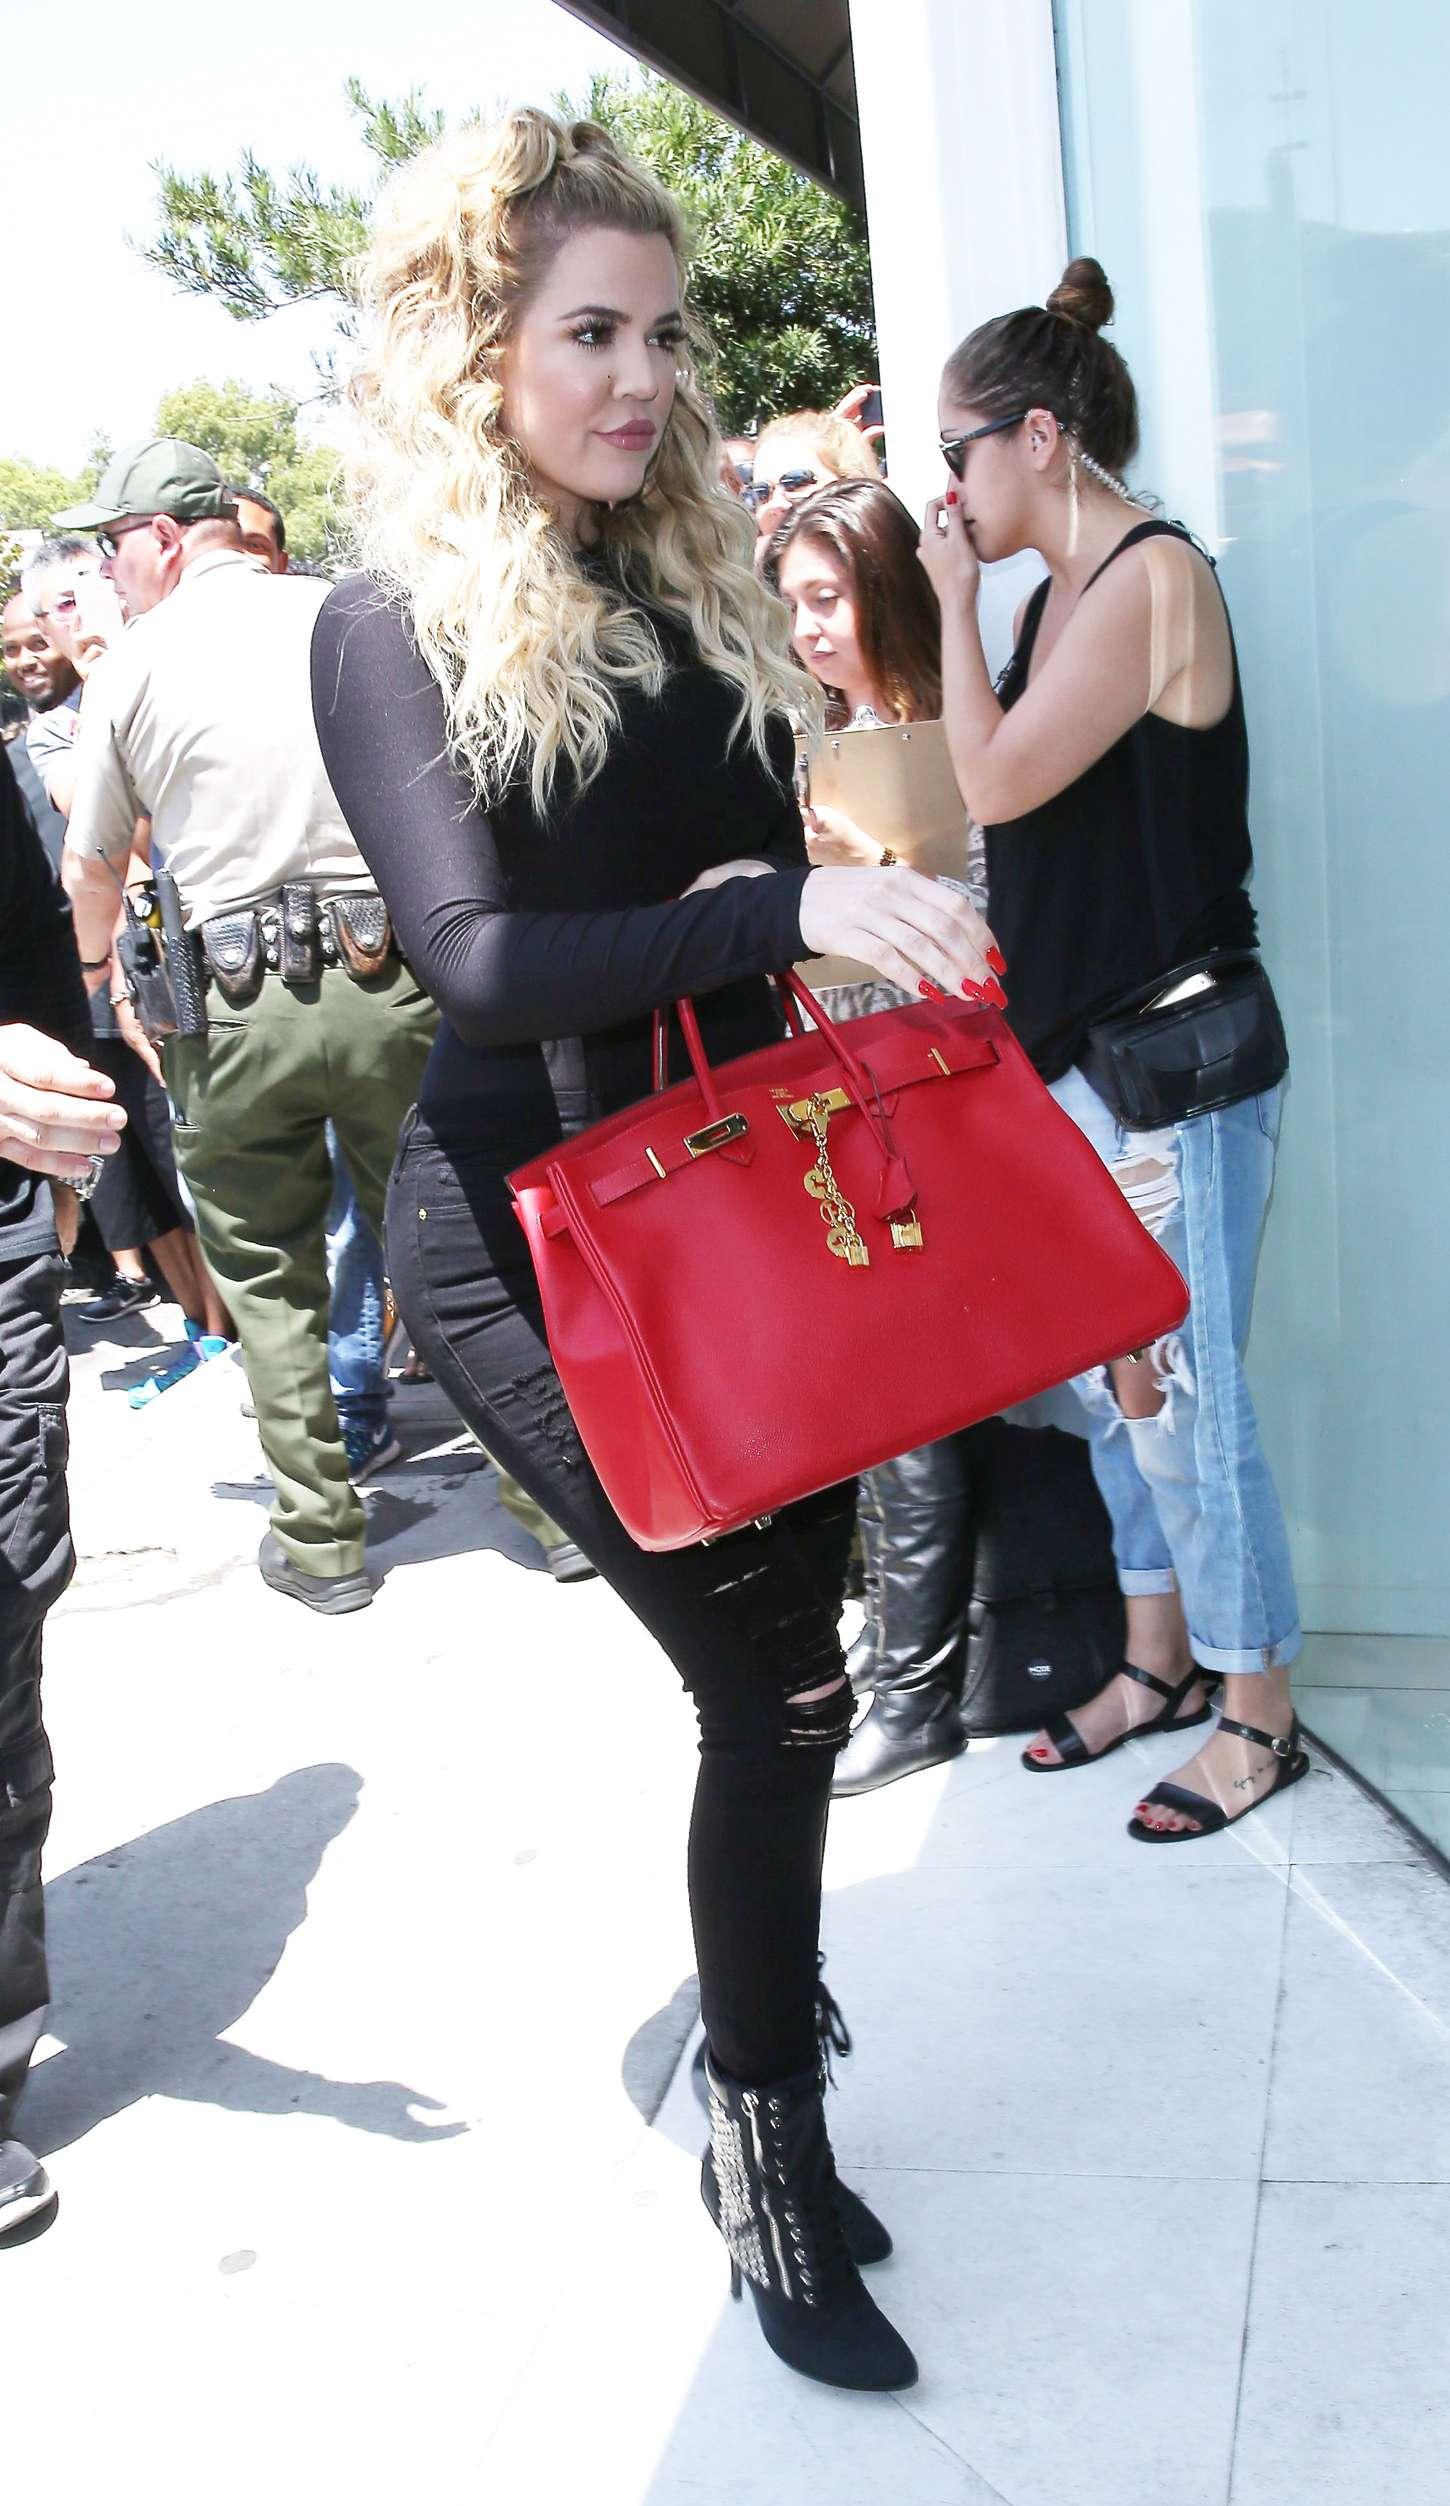 Khloe Kardashian 2015 : Khloe Kardashian at DASH Store -12